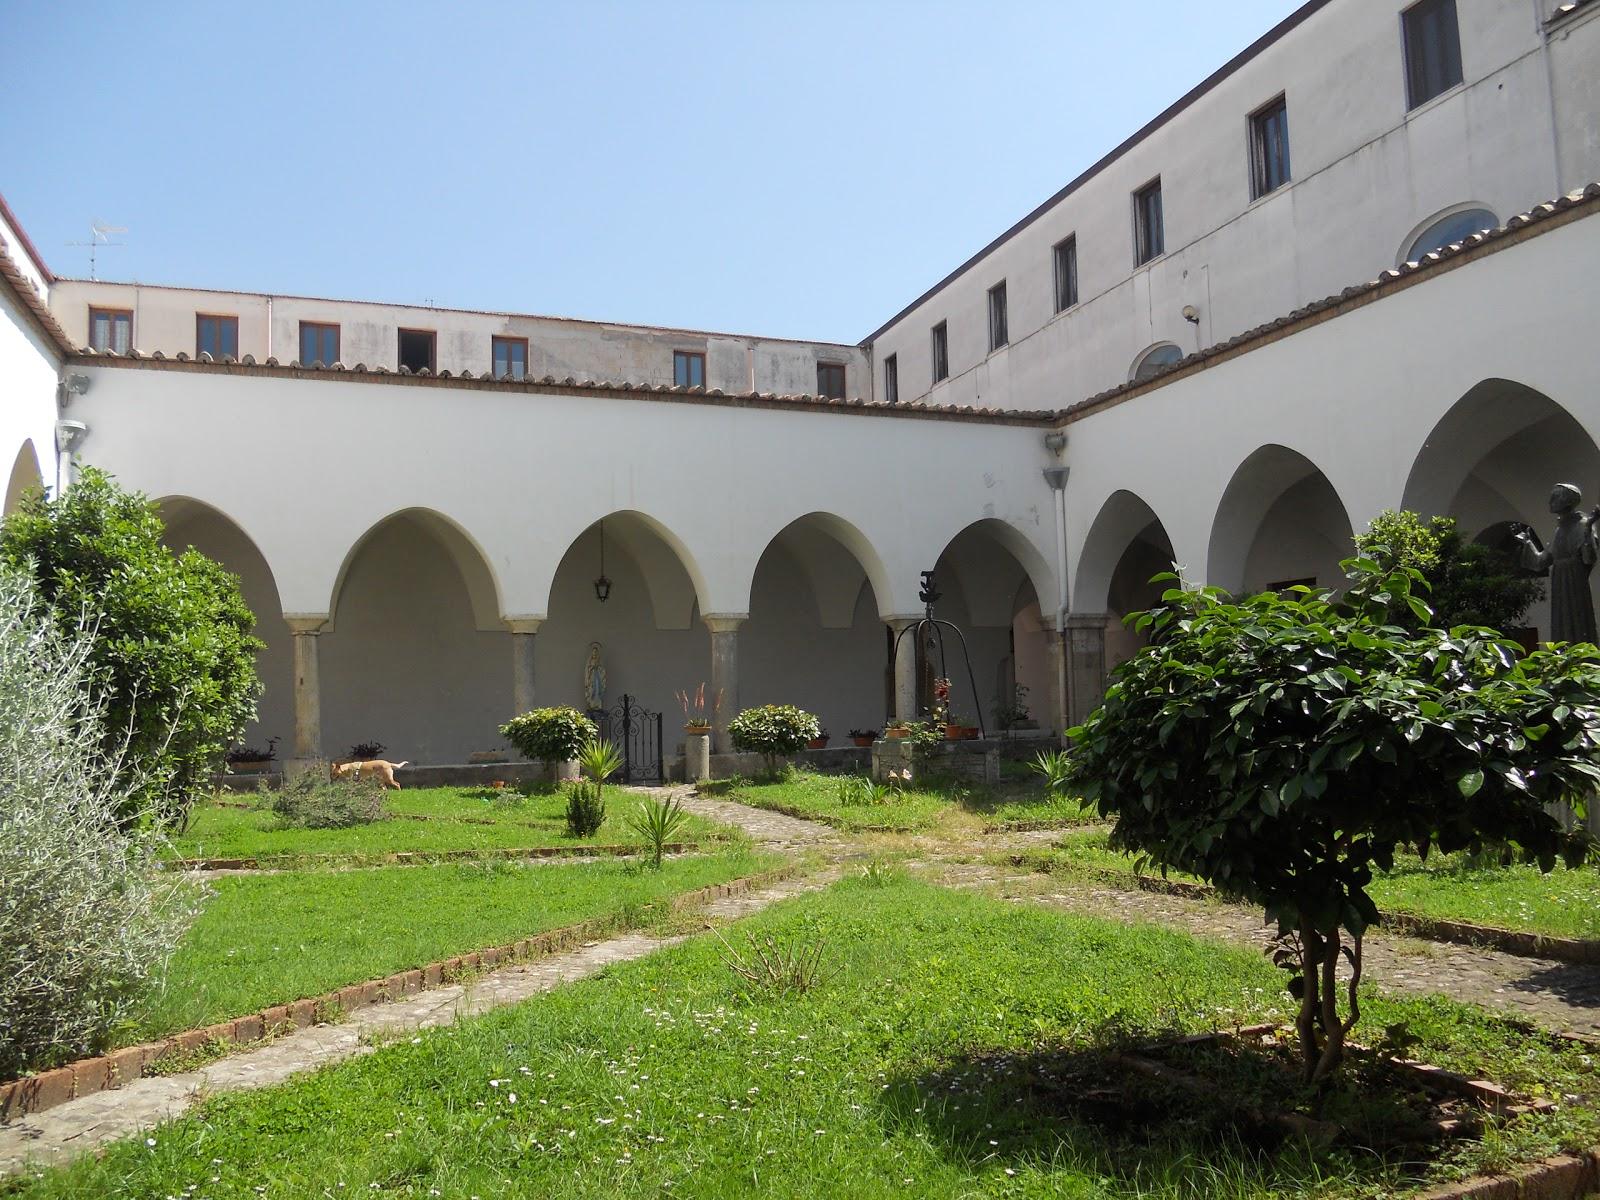 BENEVENTO chiesa e convento di san francesco detta della dogana 68839